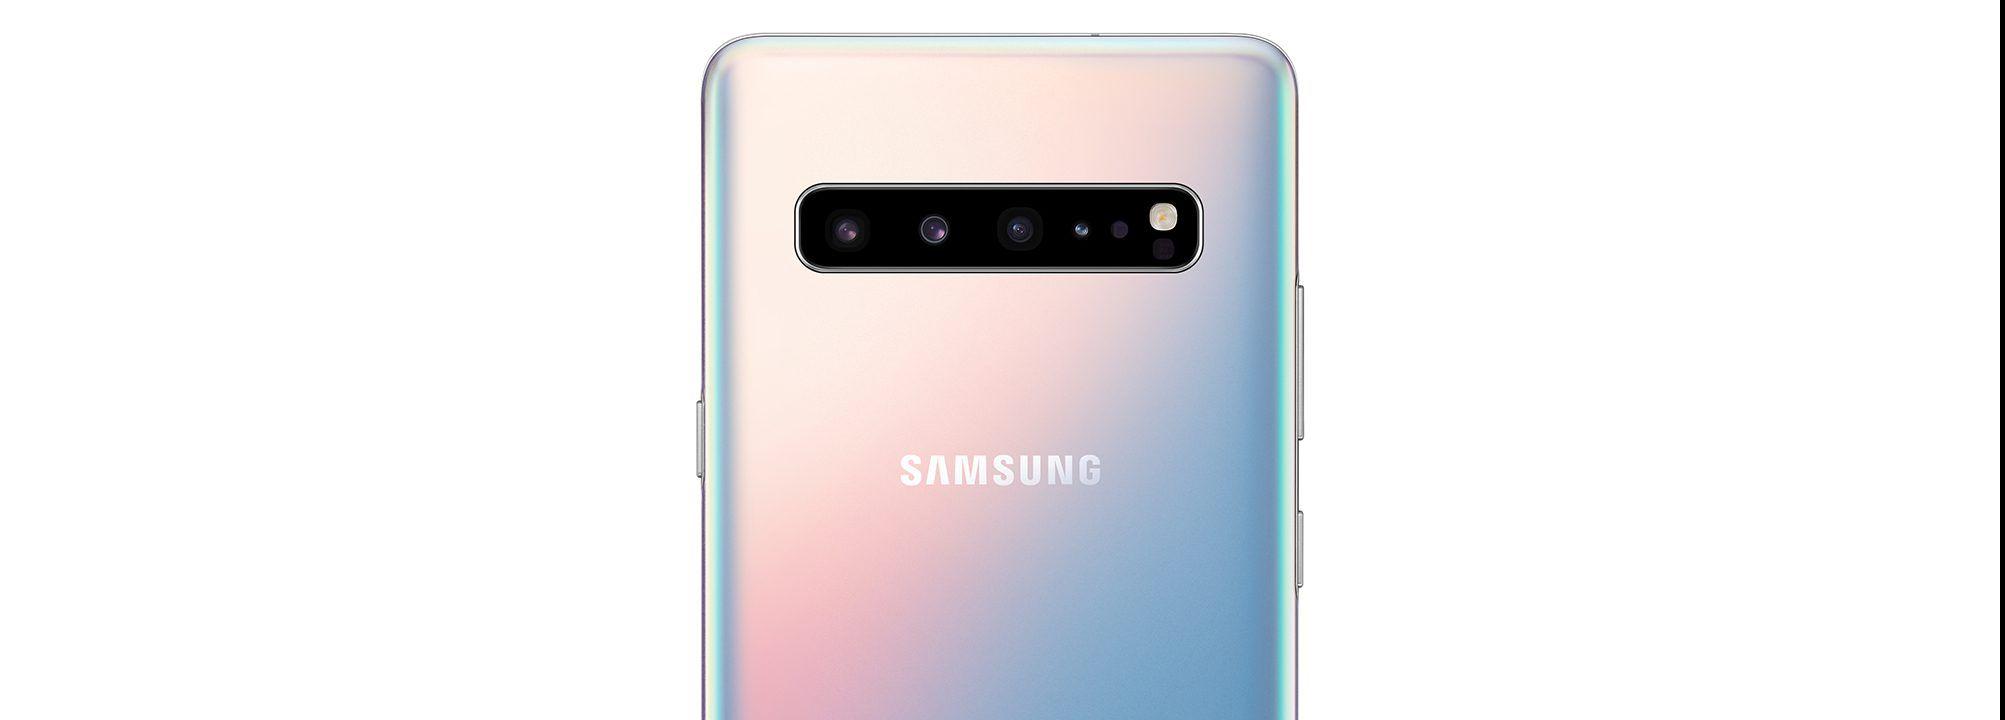 Te contamos cómo es el nuevo Samsung Galaxy S10